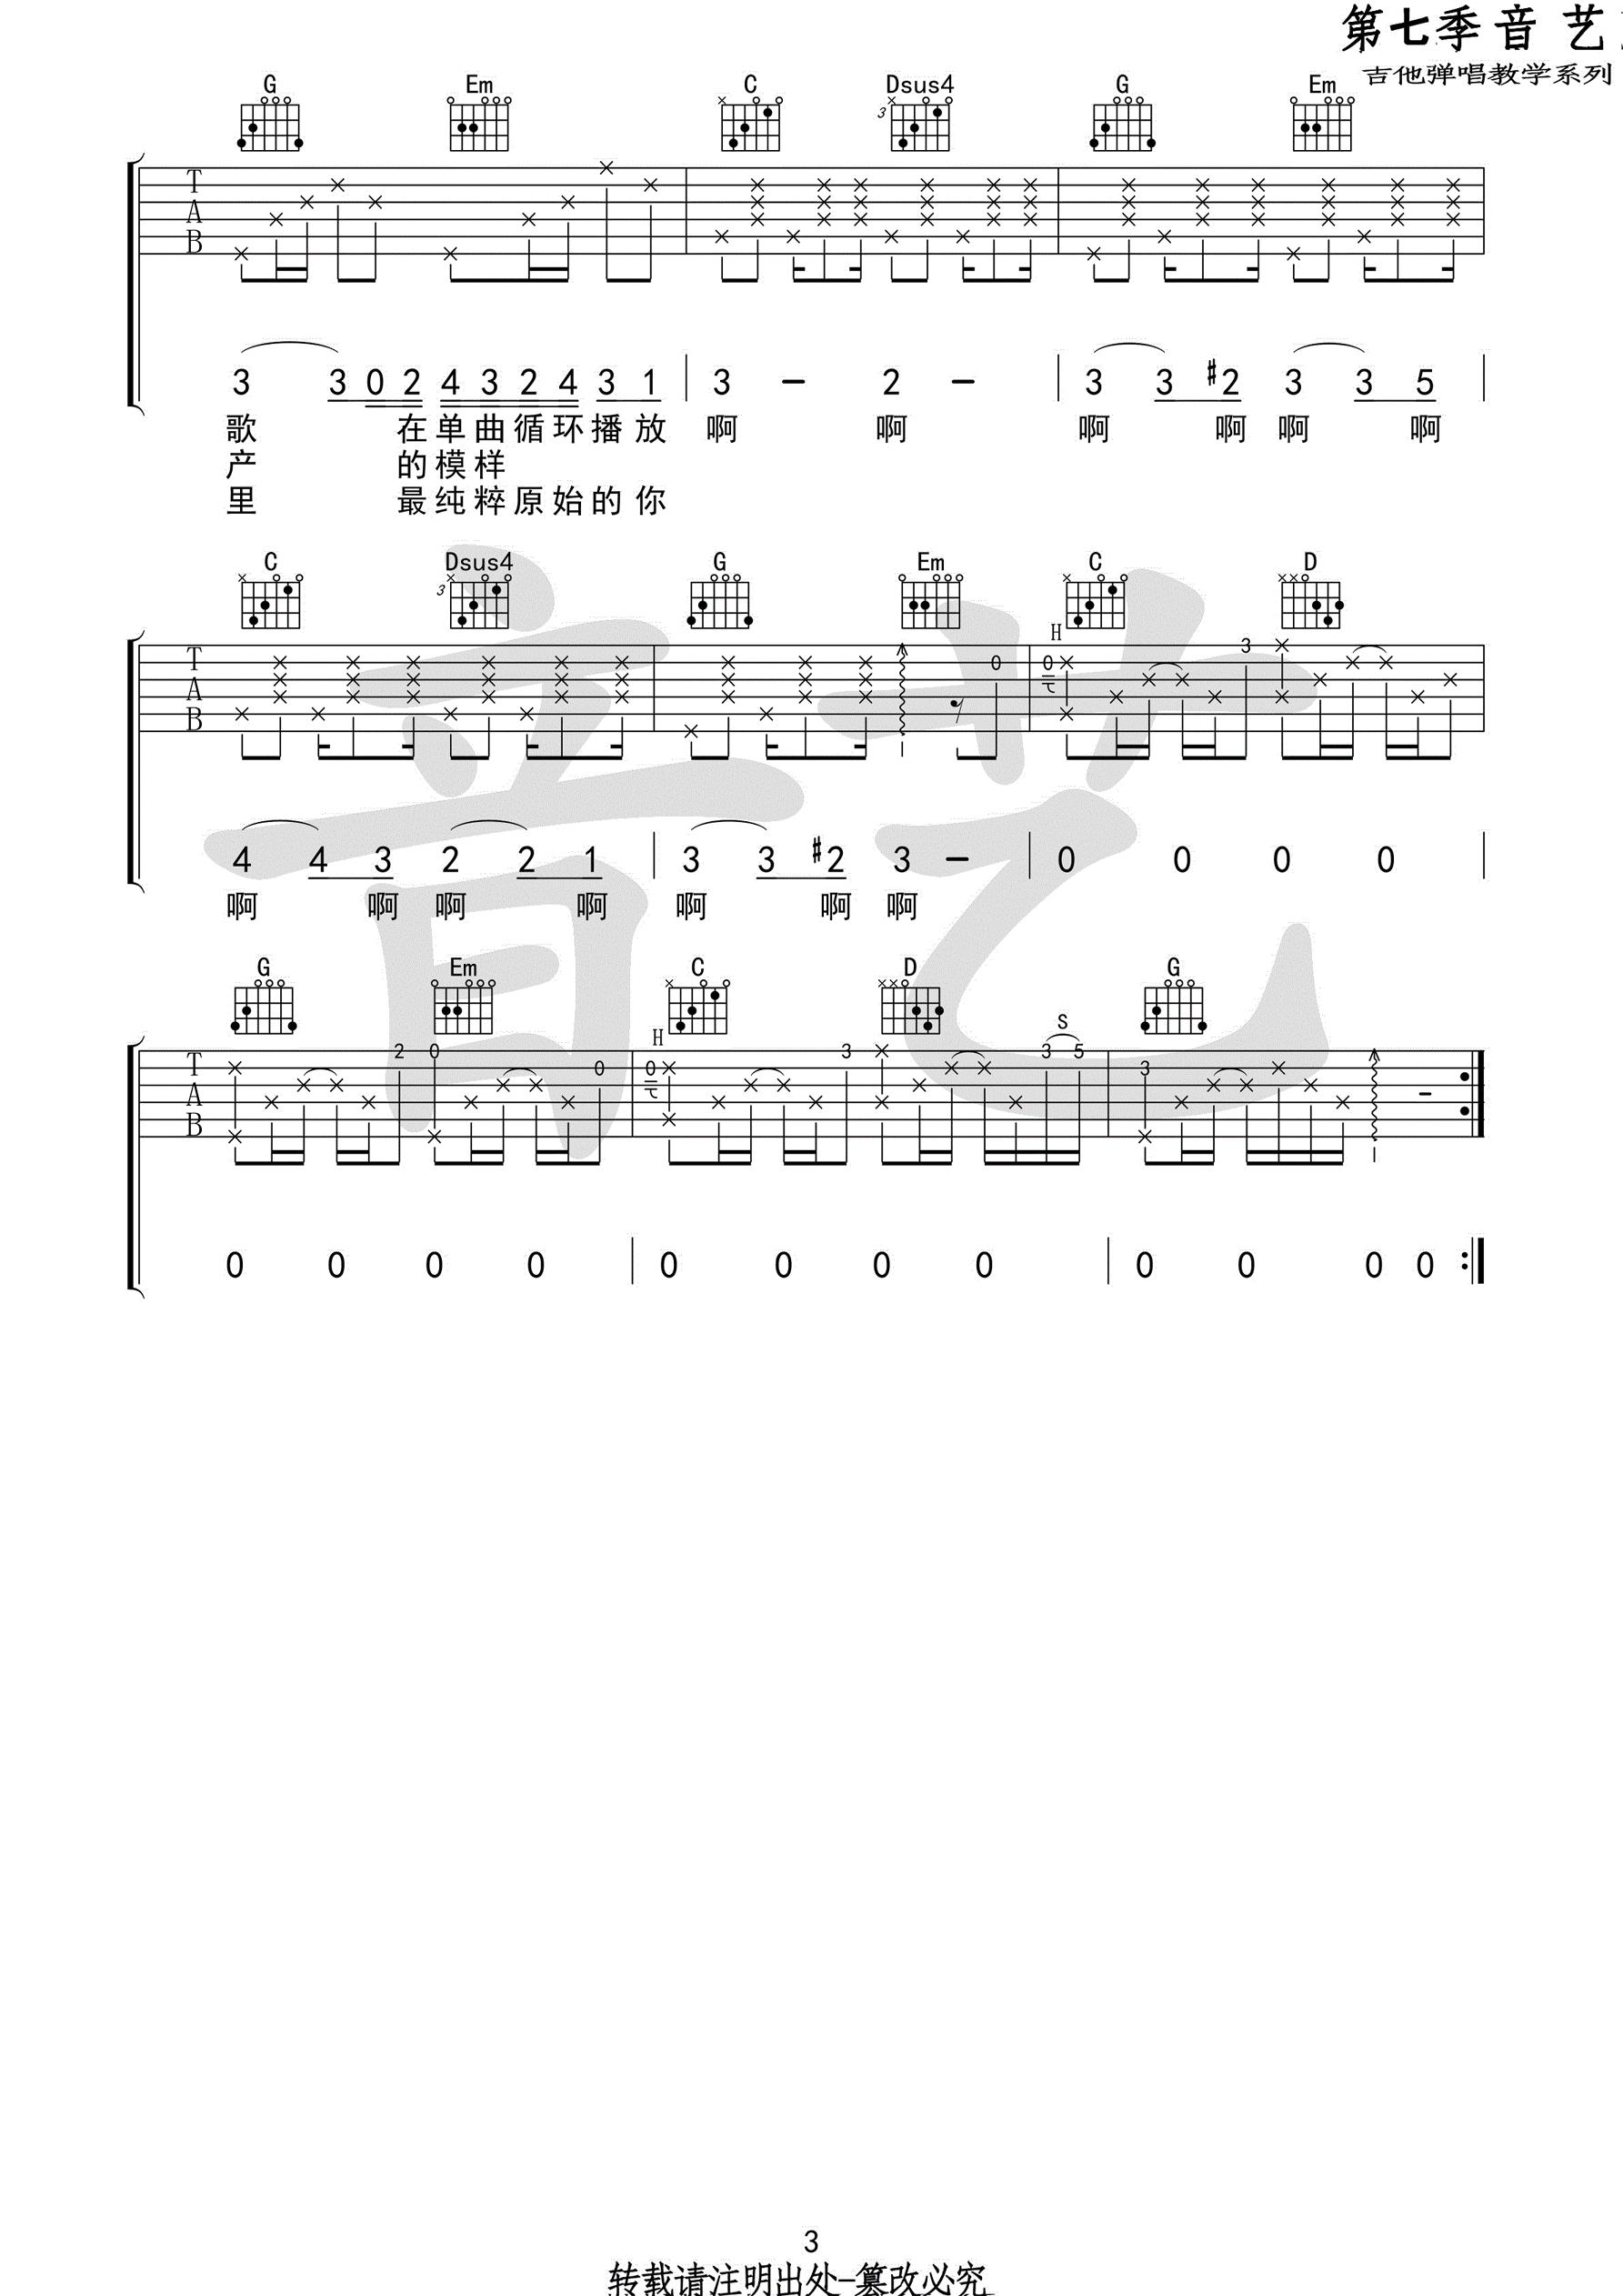 這是你想要的生活嗎-房東的貓-图片吉他谱-3